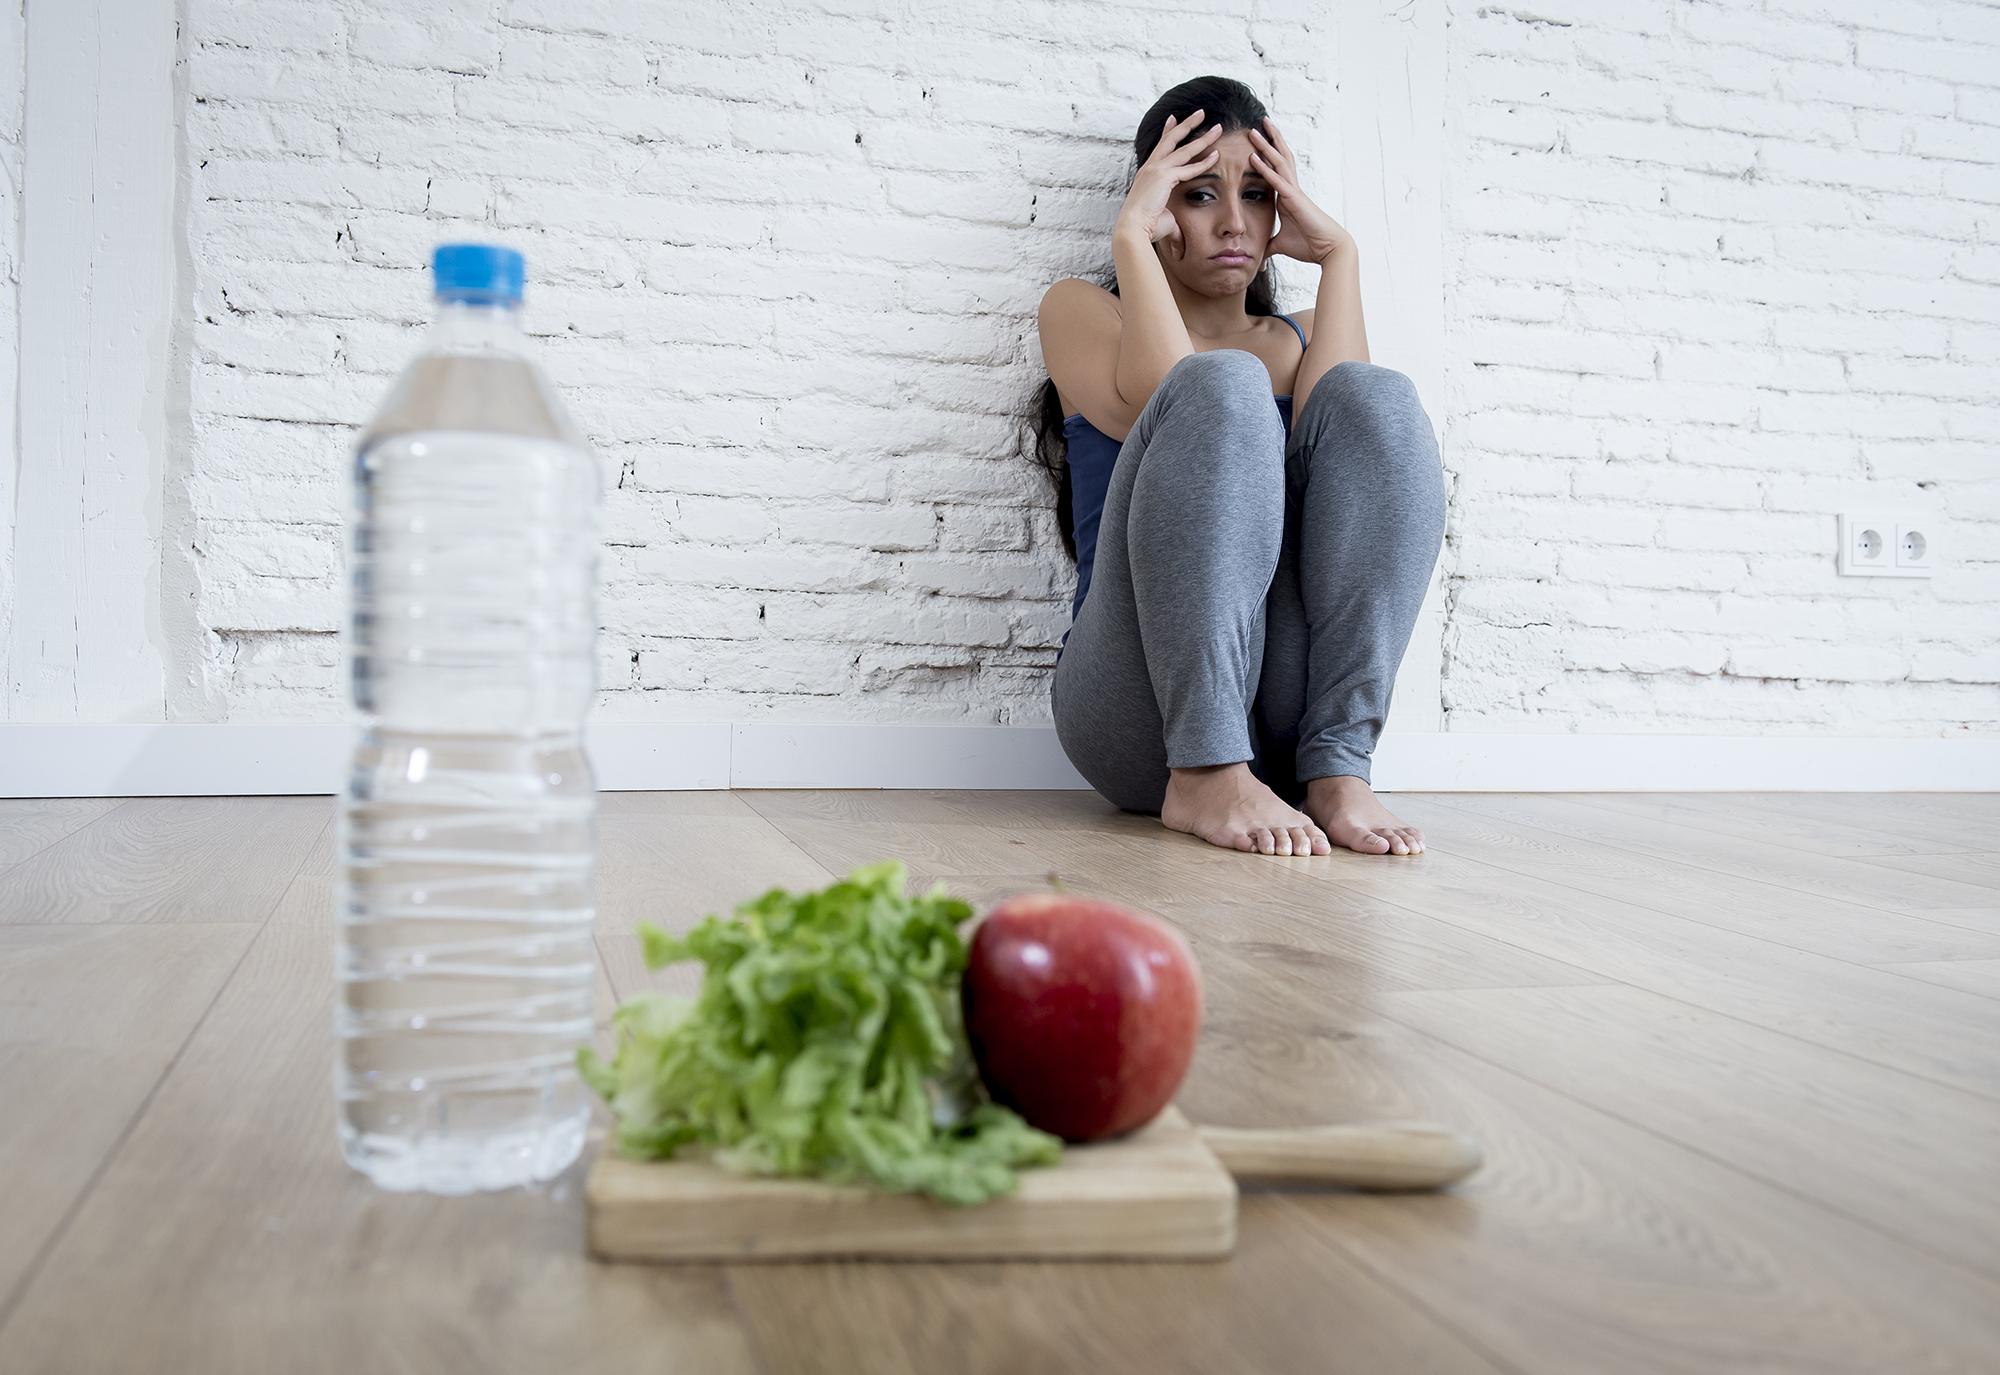 Woman Looking at Food